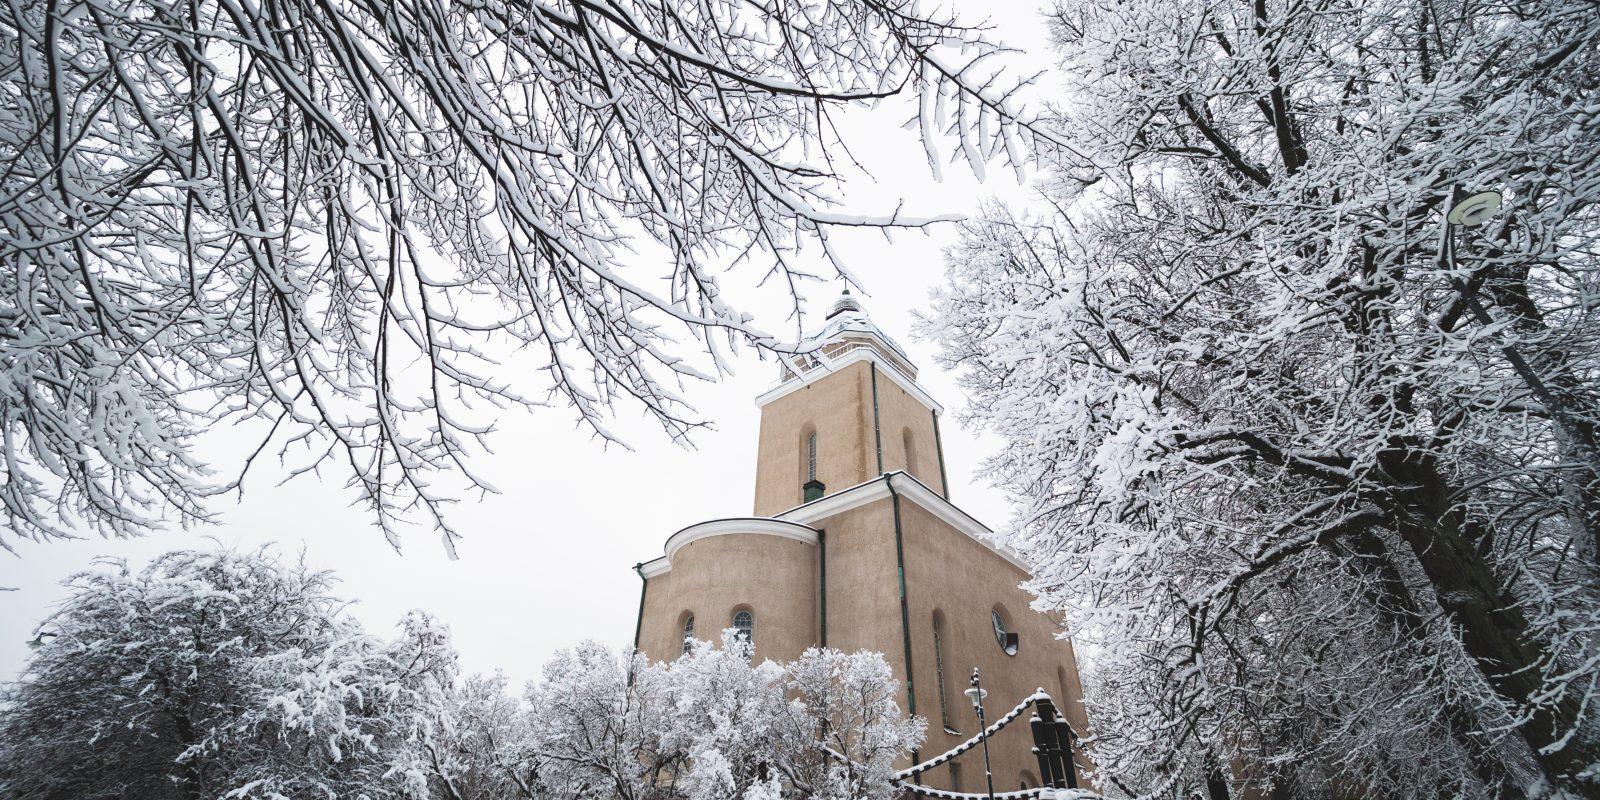 Kuvassa Suomenlinnan kirkko jota kehystää lumiset puiden oksat.